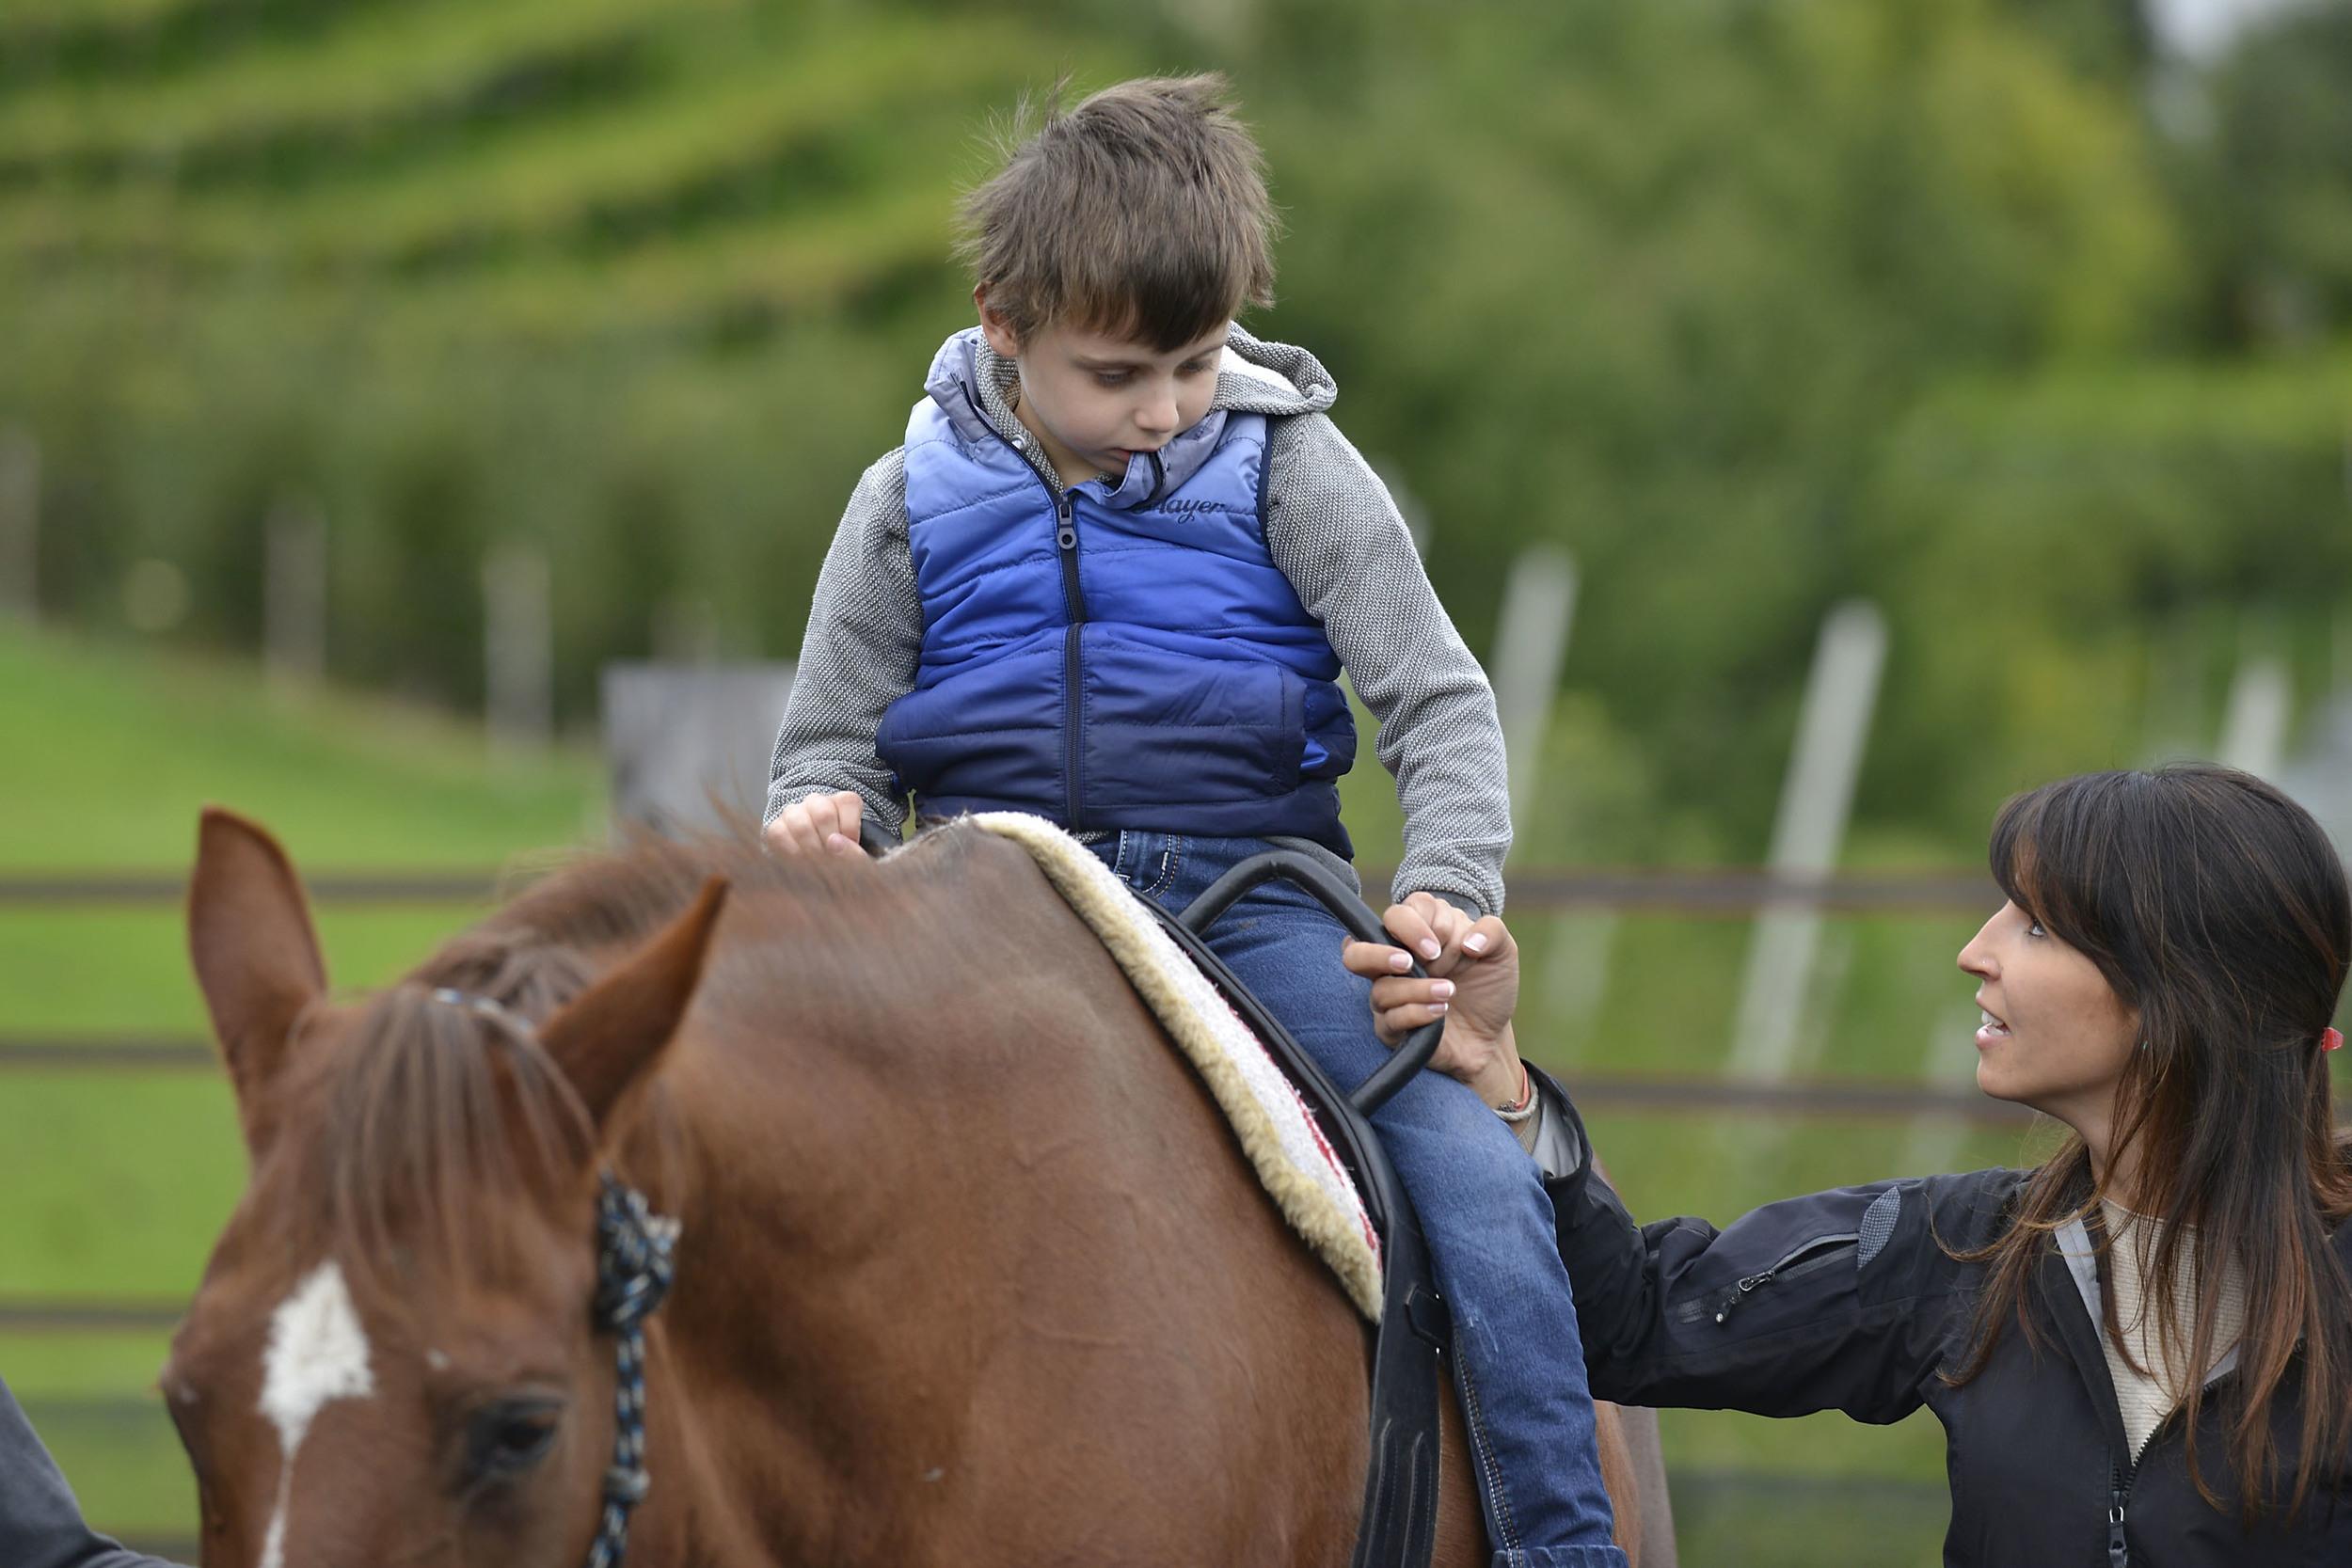 Fotografie: Harald Kienzl / KUADRAT.EU im Auftrag der Lebenshilfe Südtirol